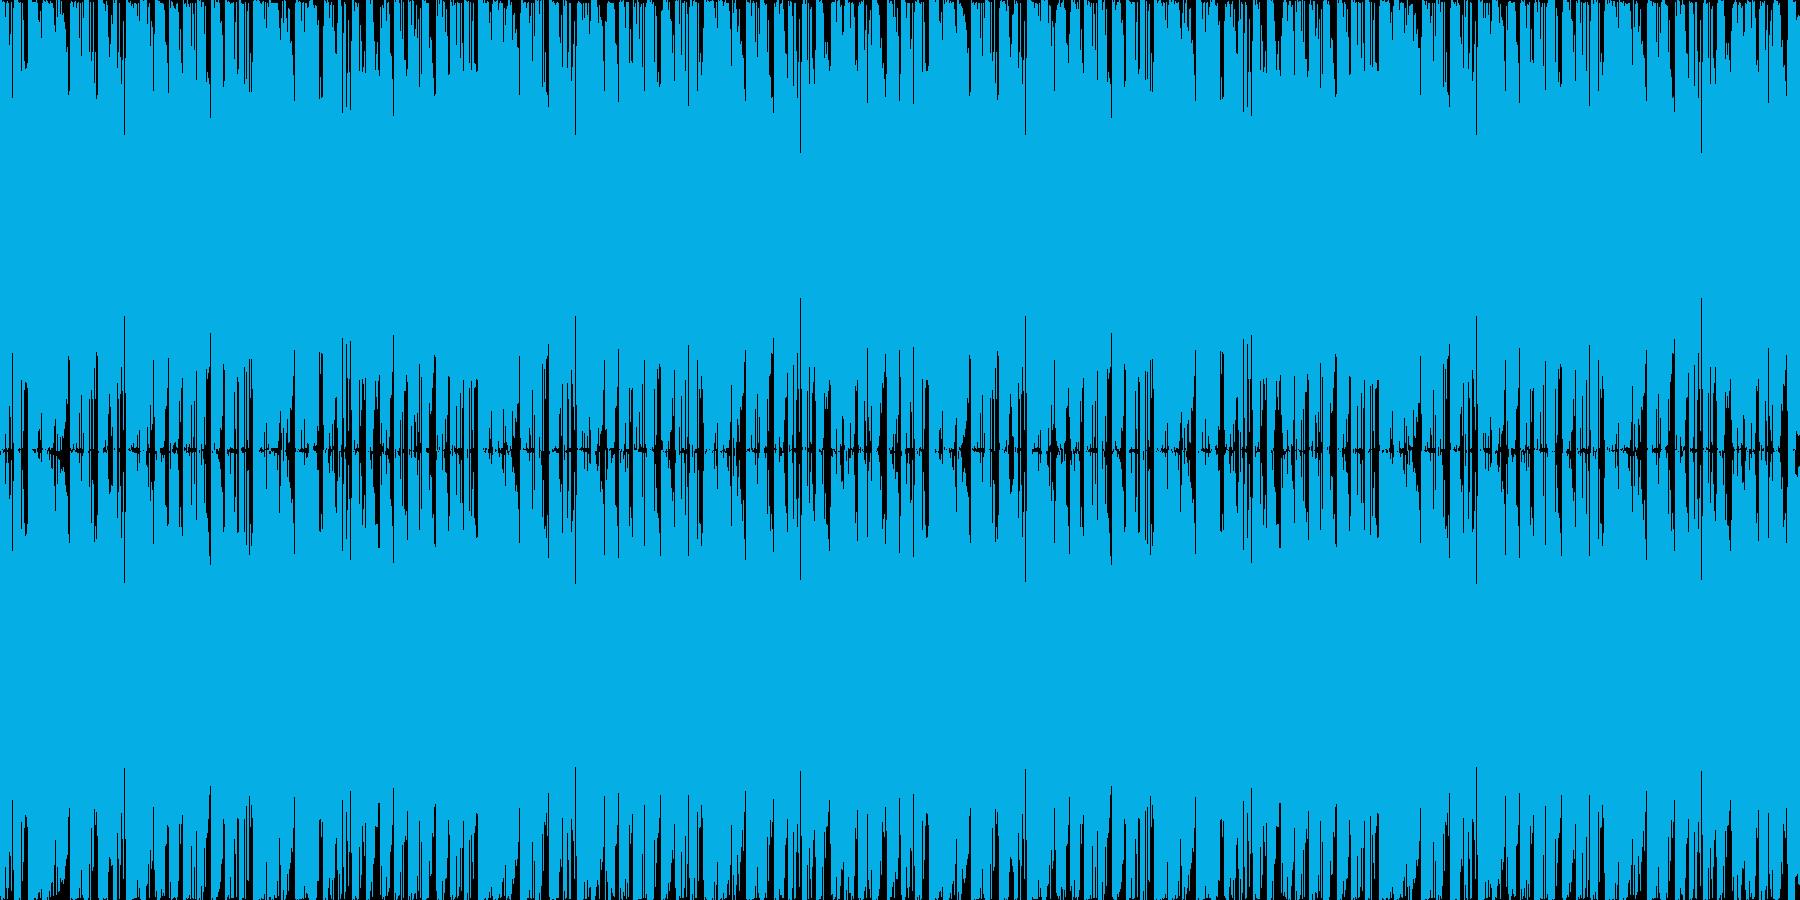 コミカルの再生済みの波形